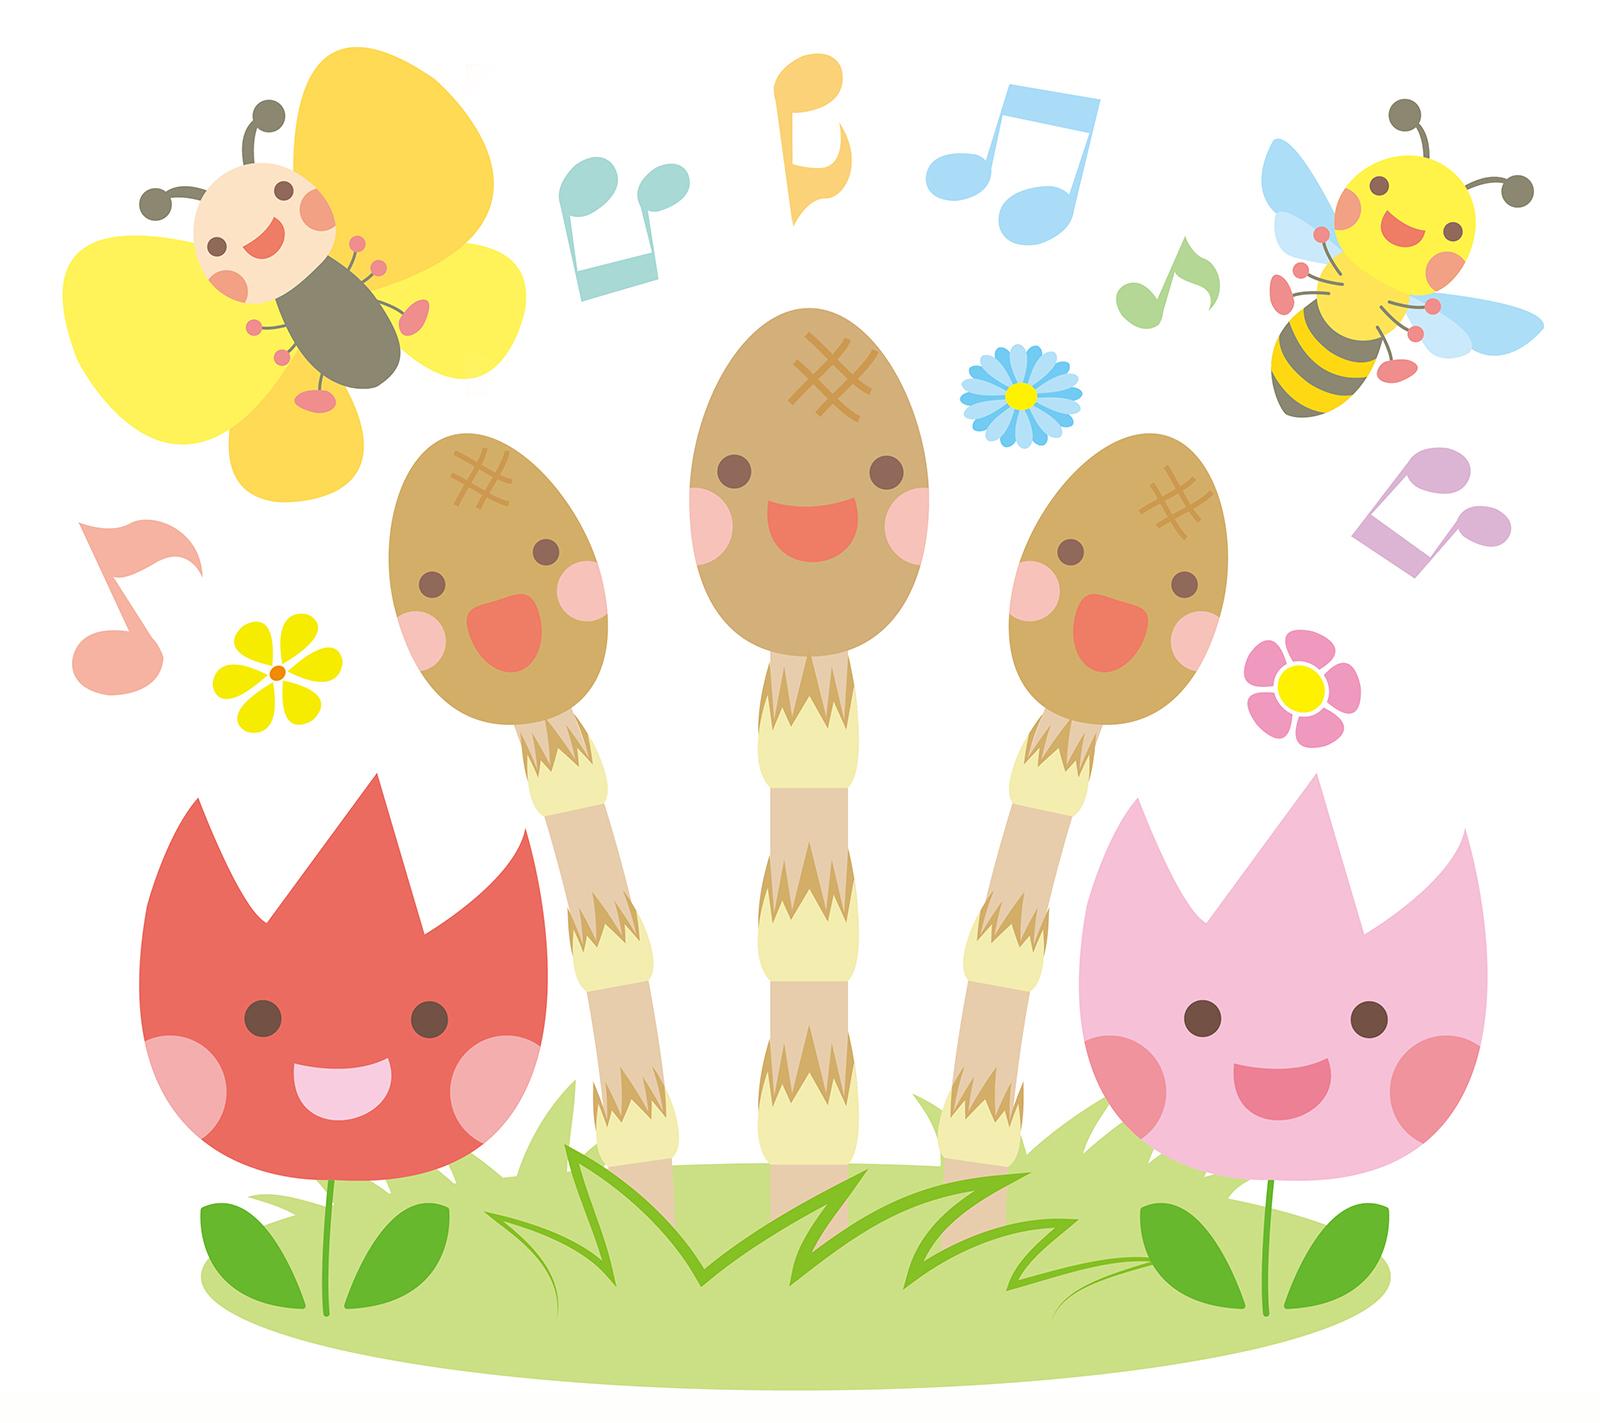 つくしと春の生き物と植物の合唱